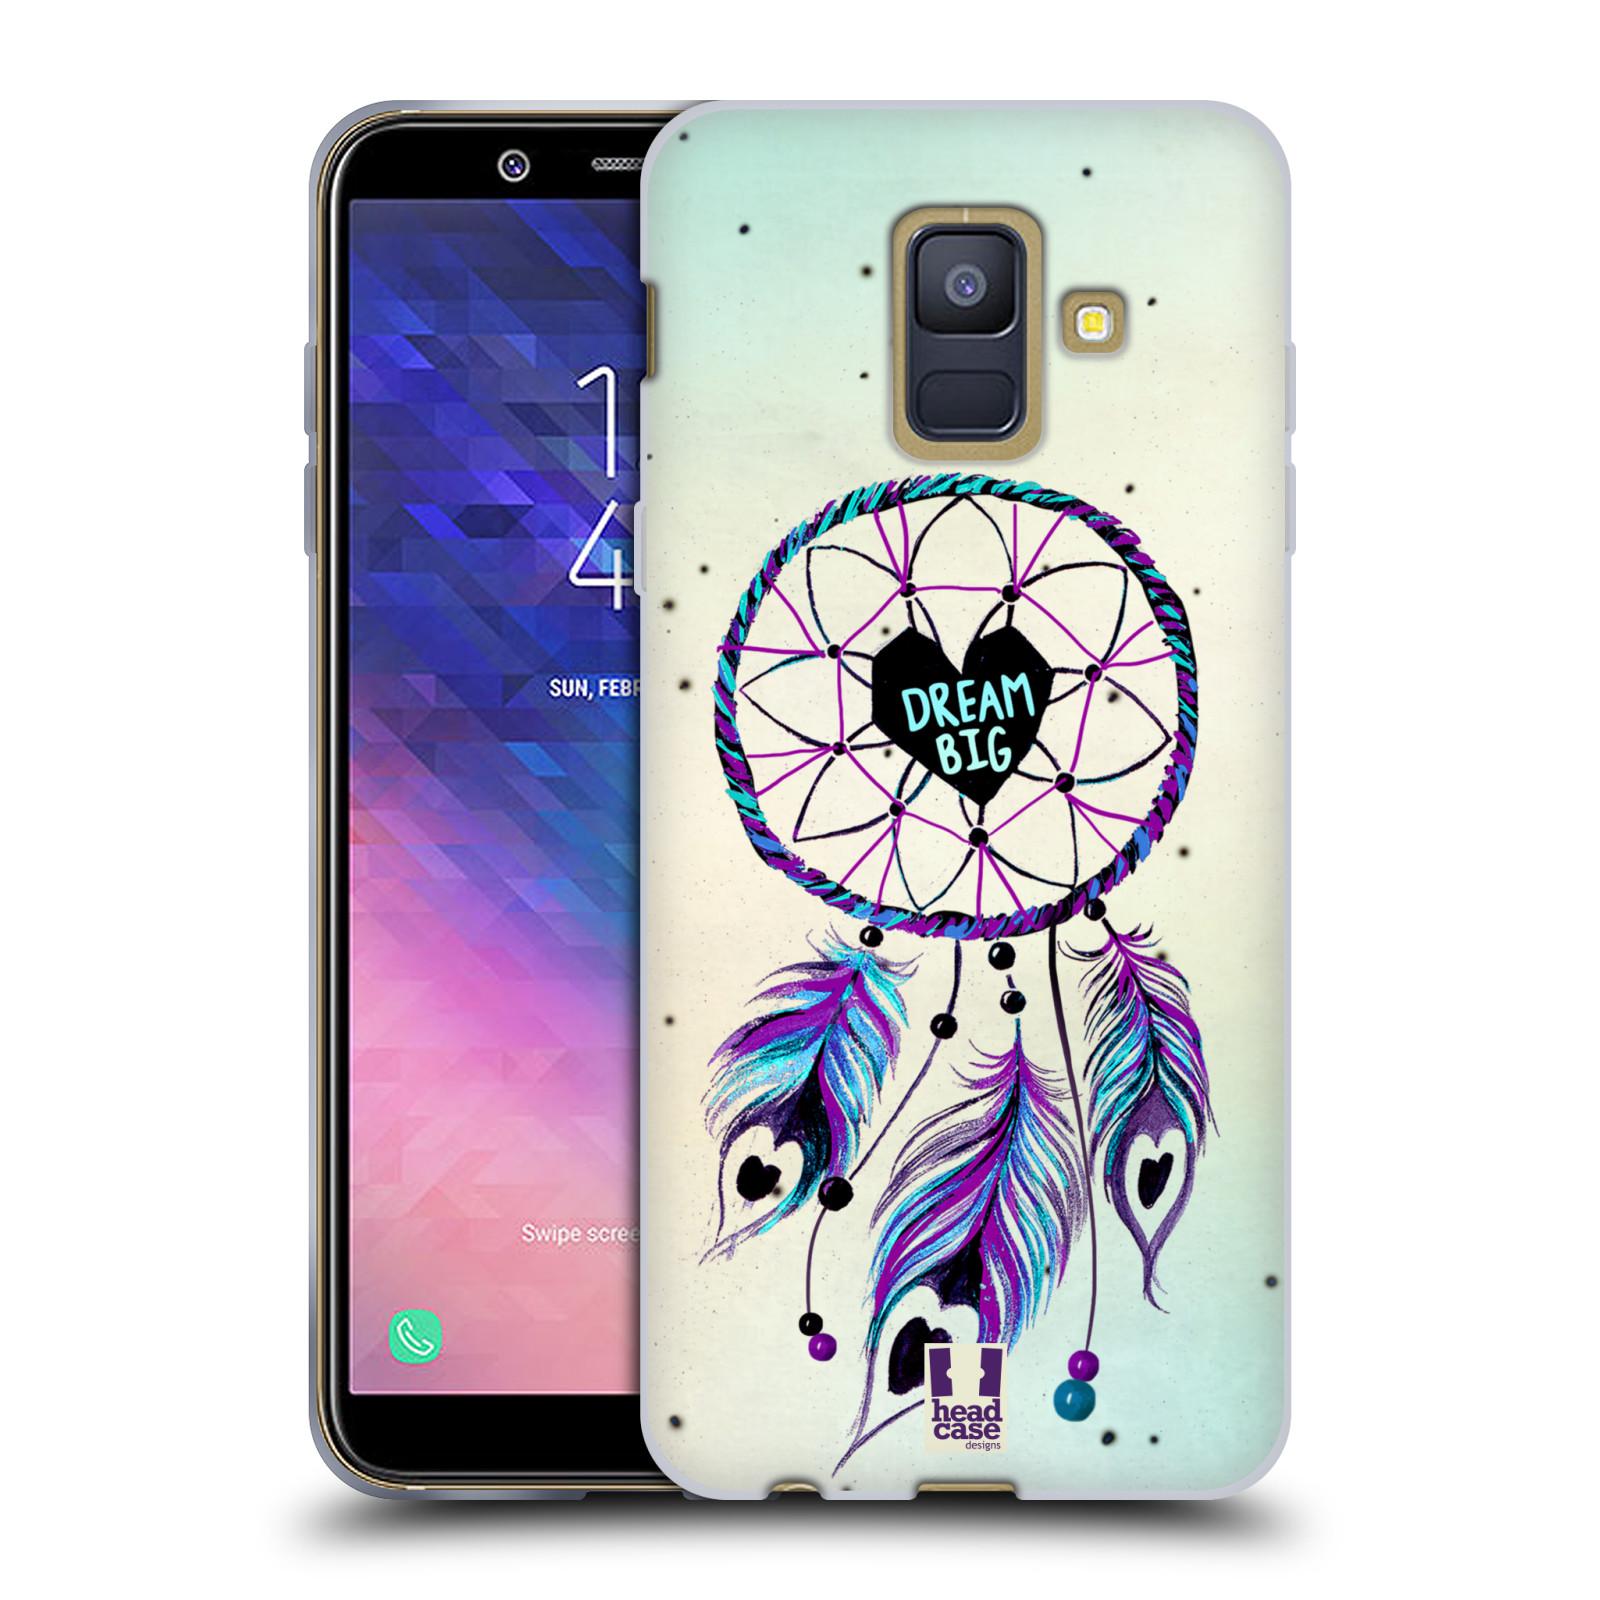 Silikonové pouzdro na mobil Samsung Galaxy A6 (2018) - Head Case - Lapač Assorted Dream Big Srdce